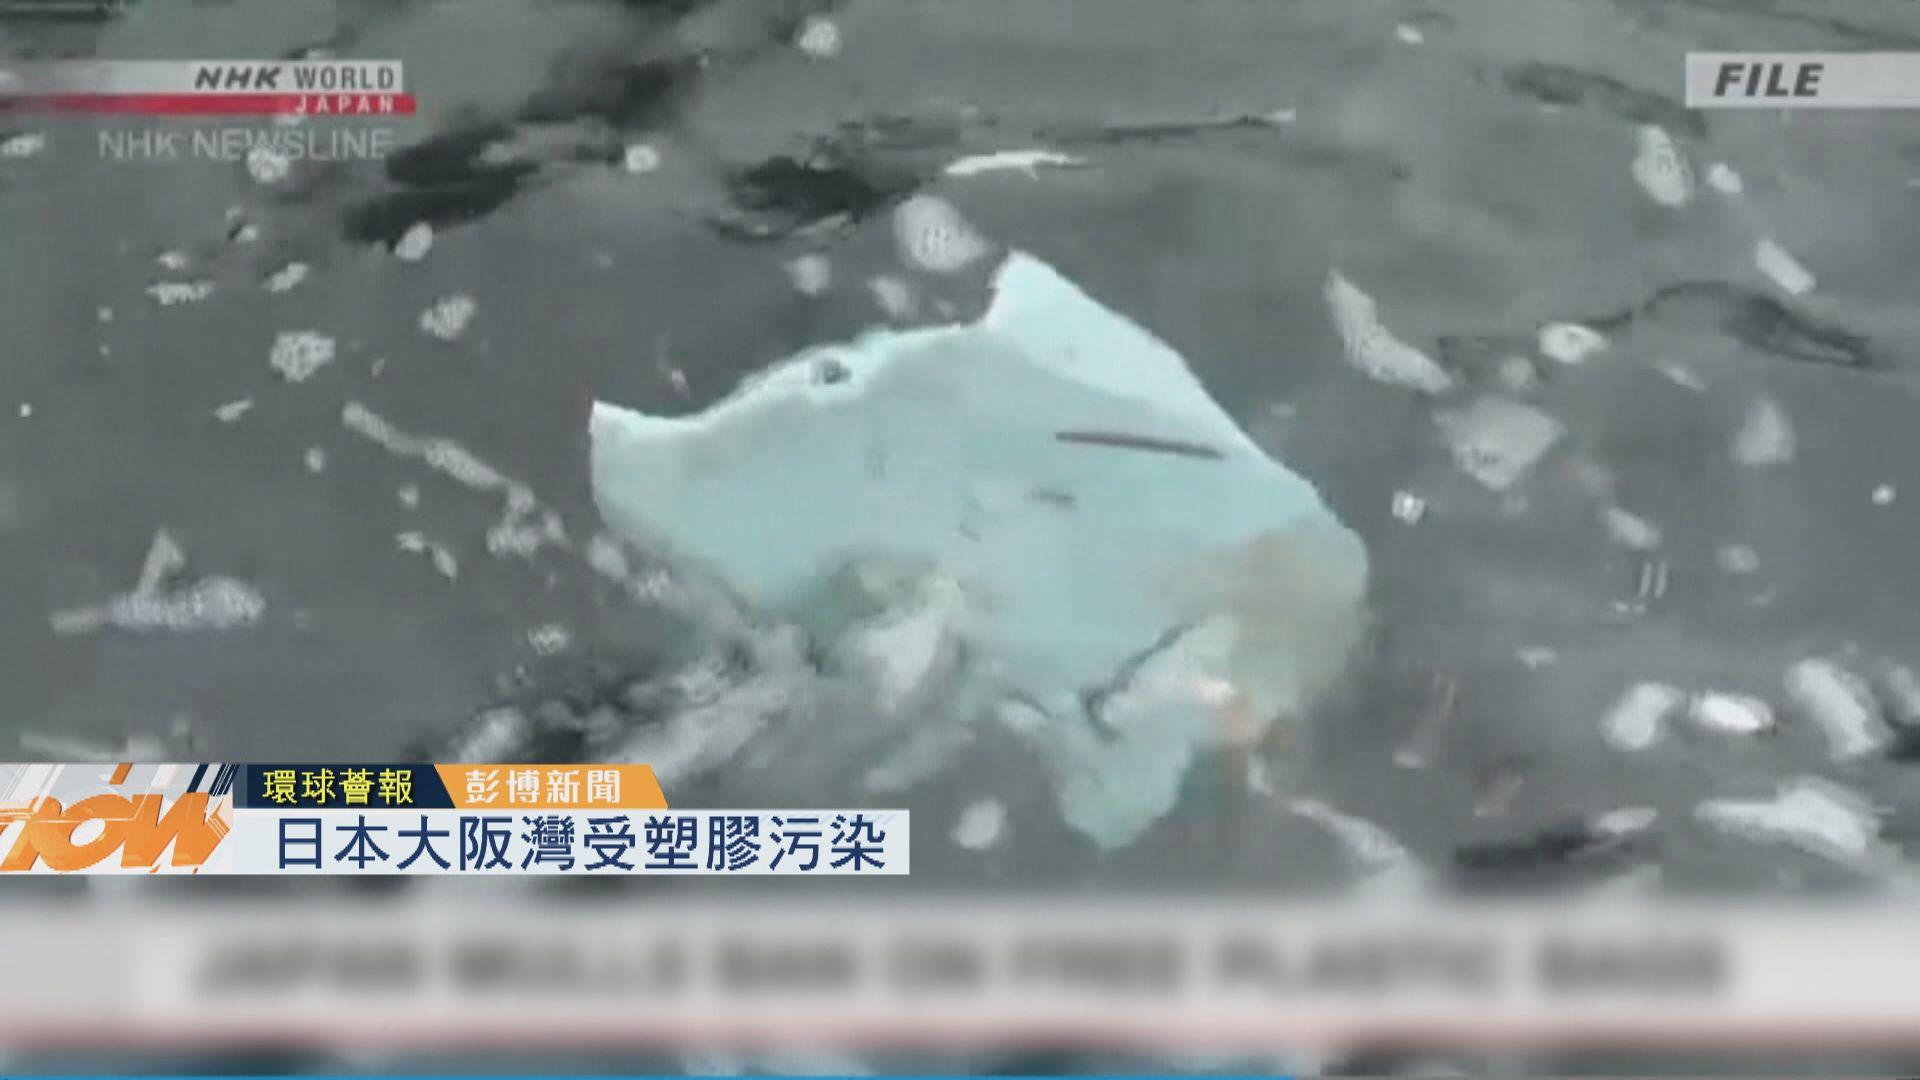 【環球薈報】日本大阪灣受塑膠污染